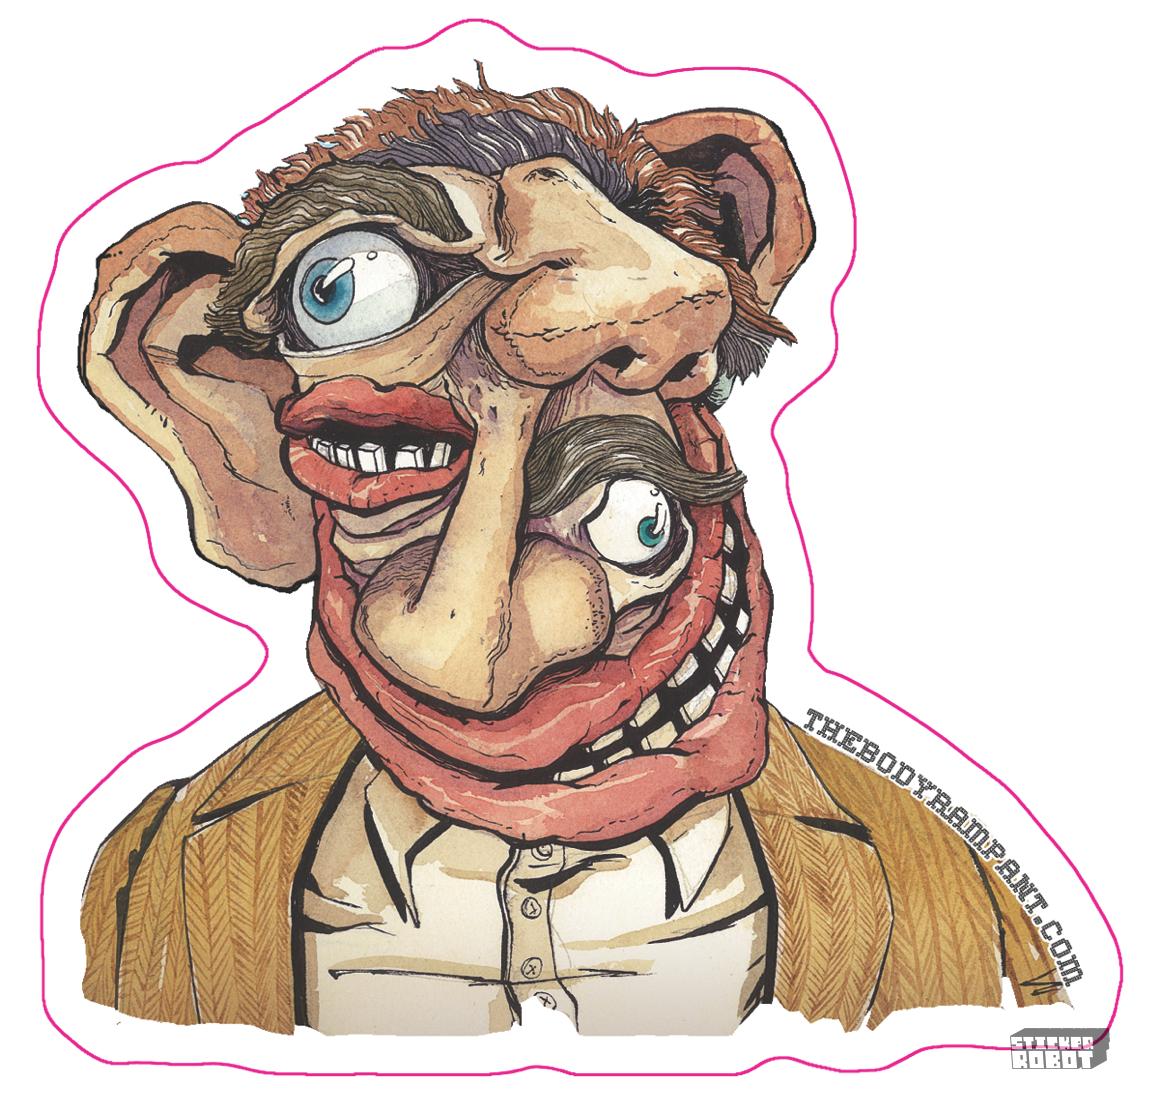 Sticker art by J.M. Lopez